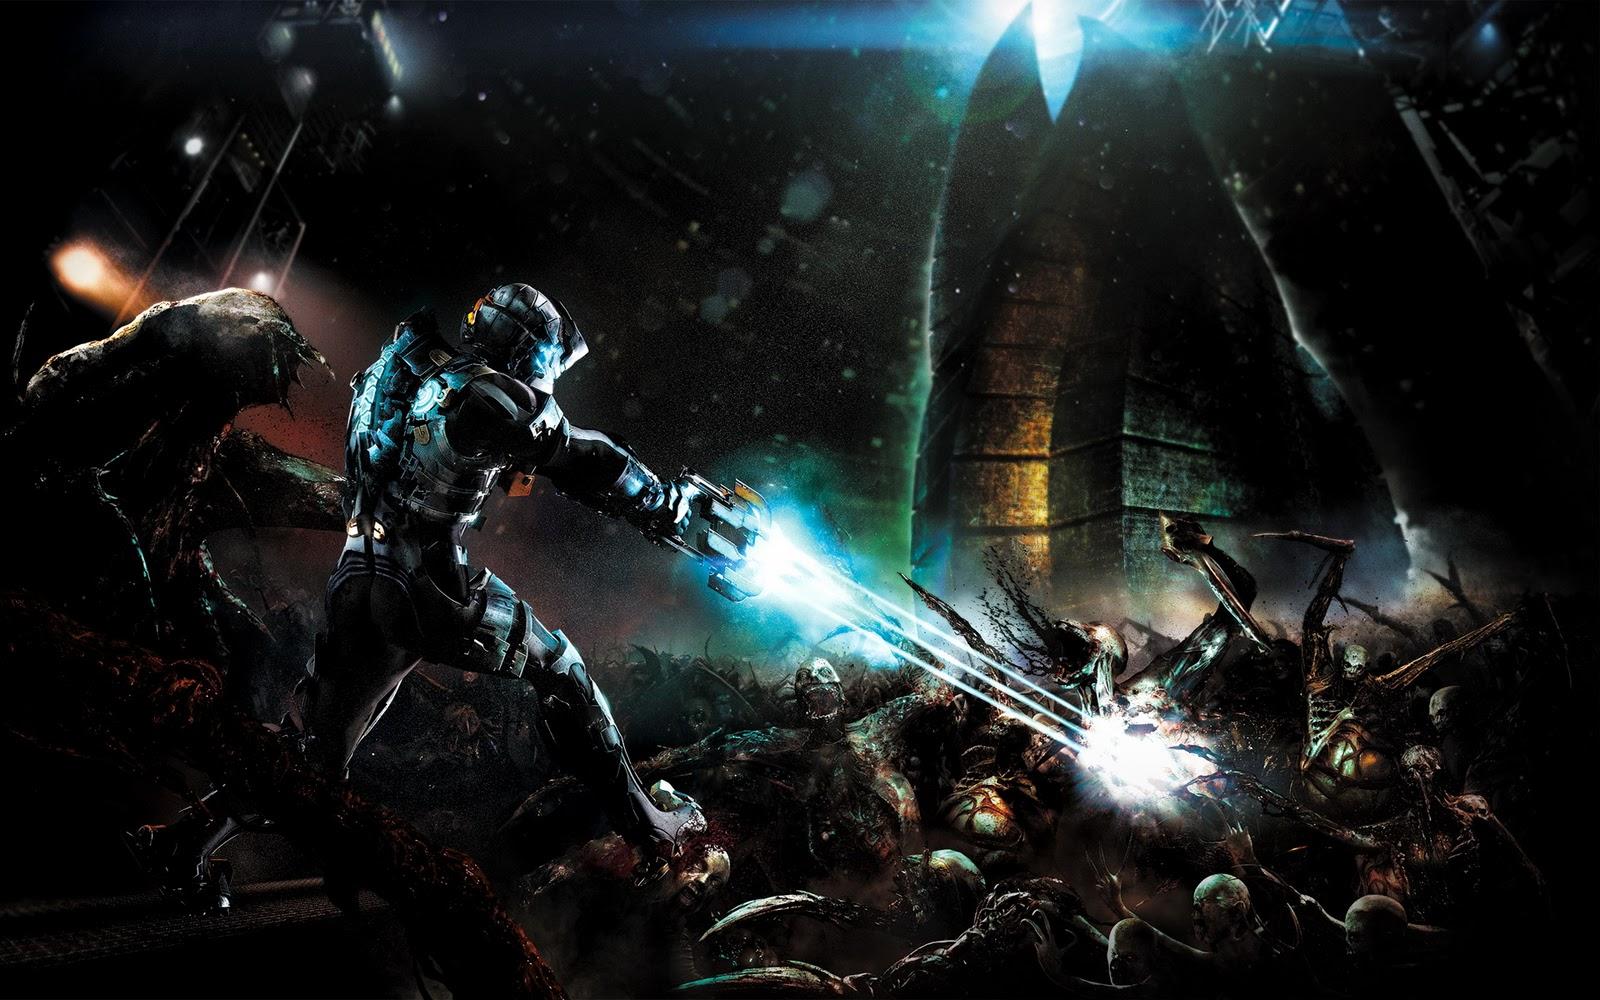 http://4.bp.blogspot.com/-wjaL3GkPvYM/TpGTEjyYj2I/AAAAAAAAESc/51_Eif9WmSQ/s1600/2011_dead_space_2-wide.jpg